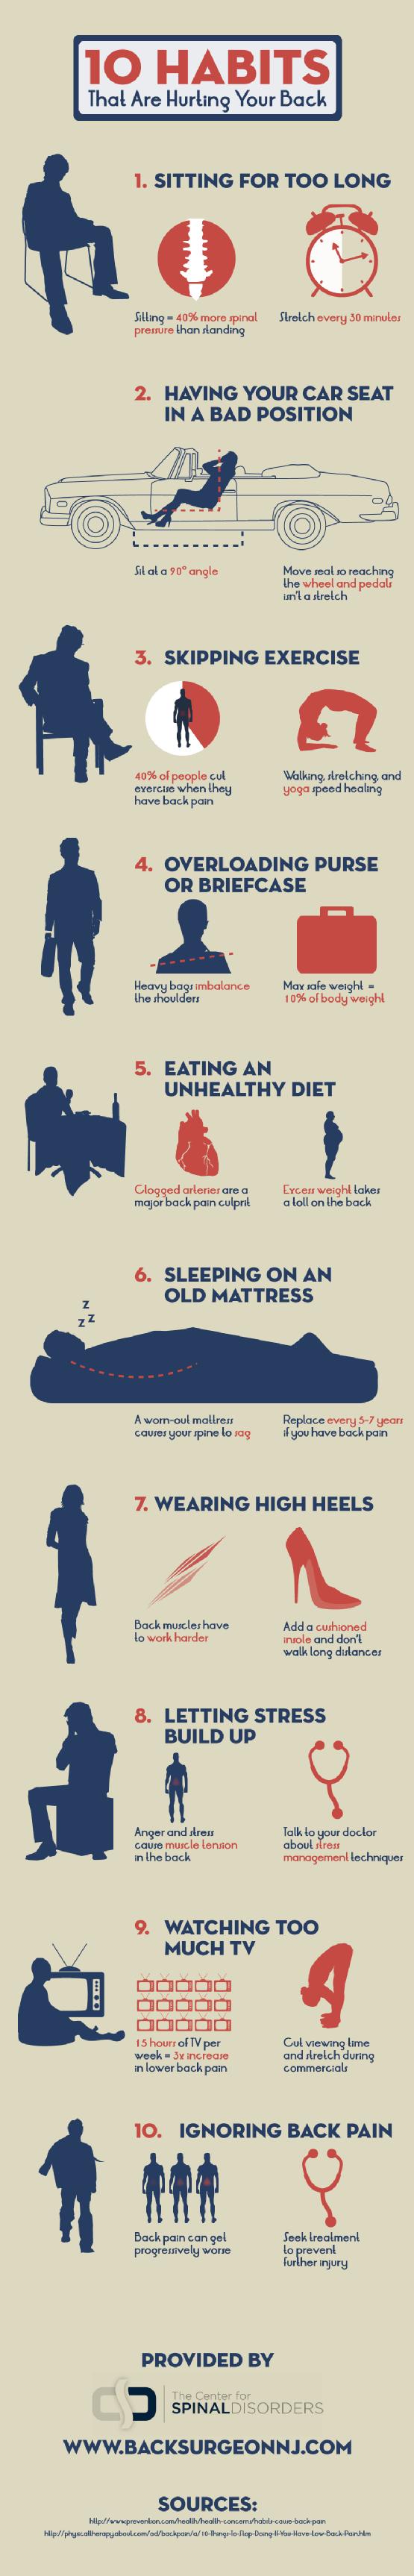 habit infographic